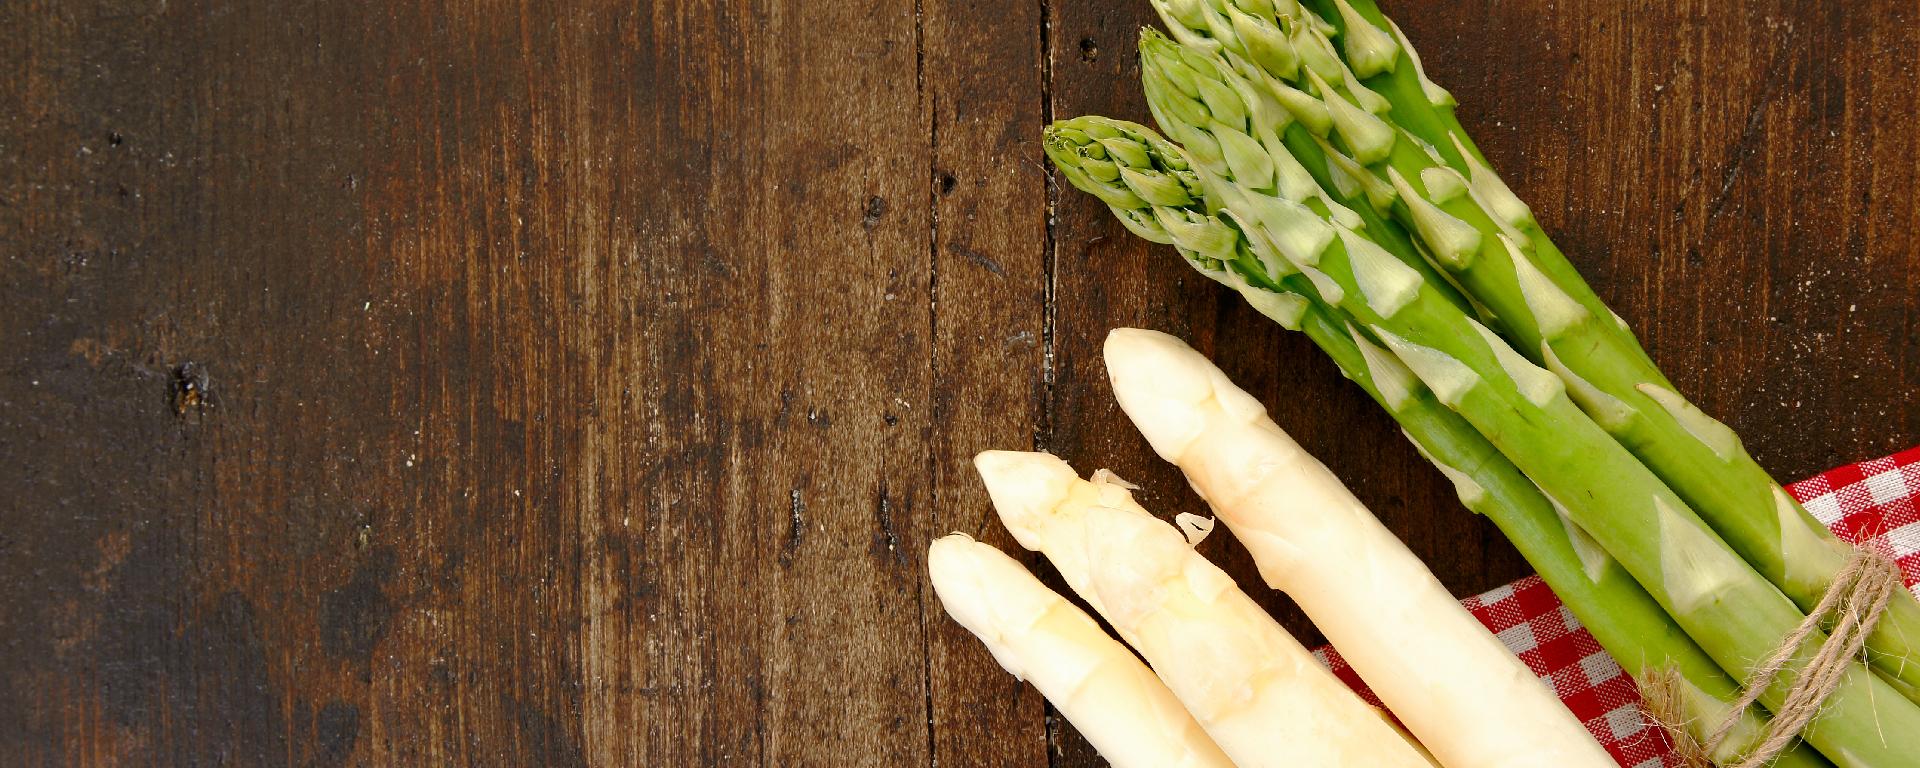 St. Pauli Nachtmarkt – asparagus special